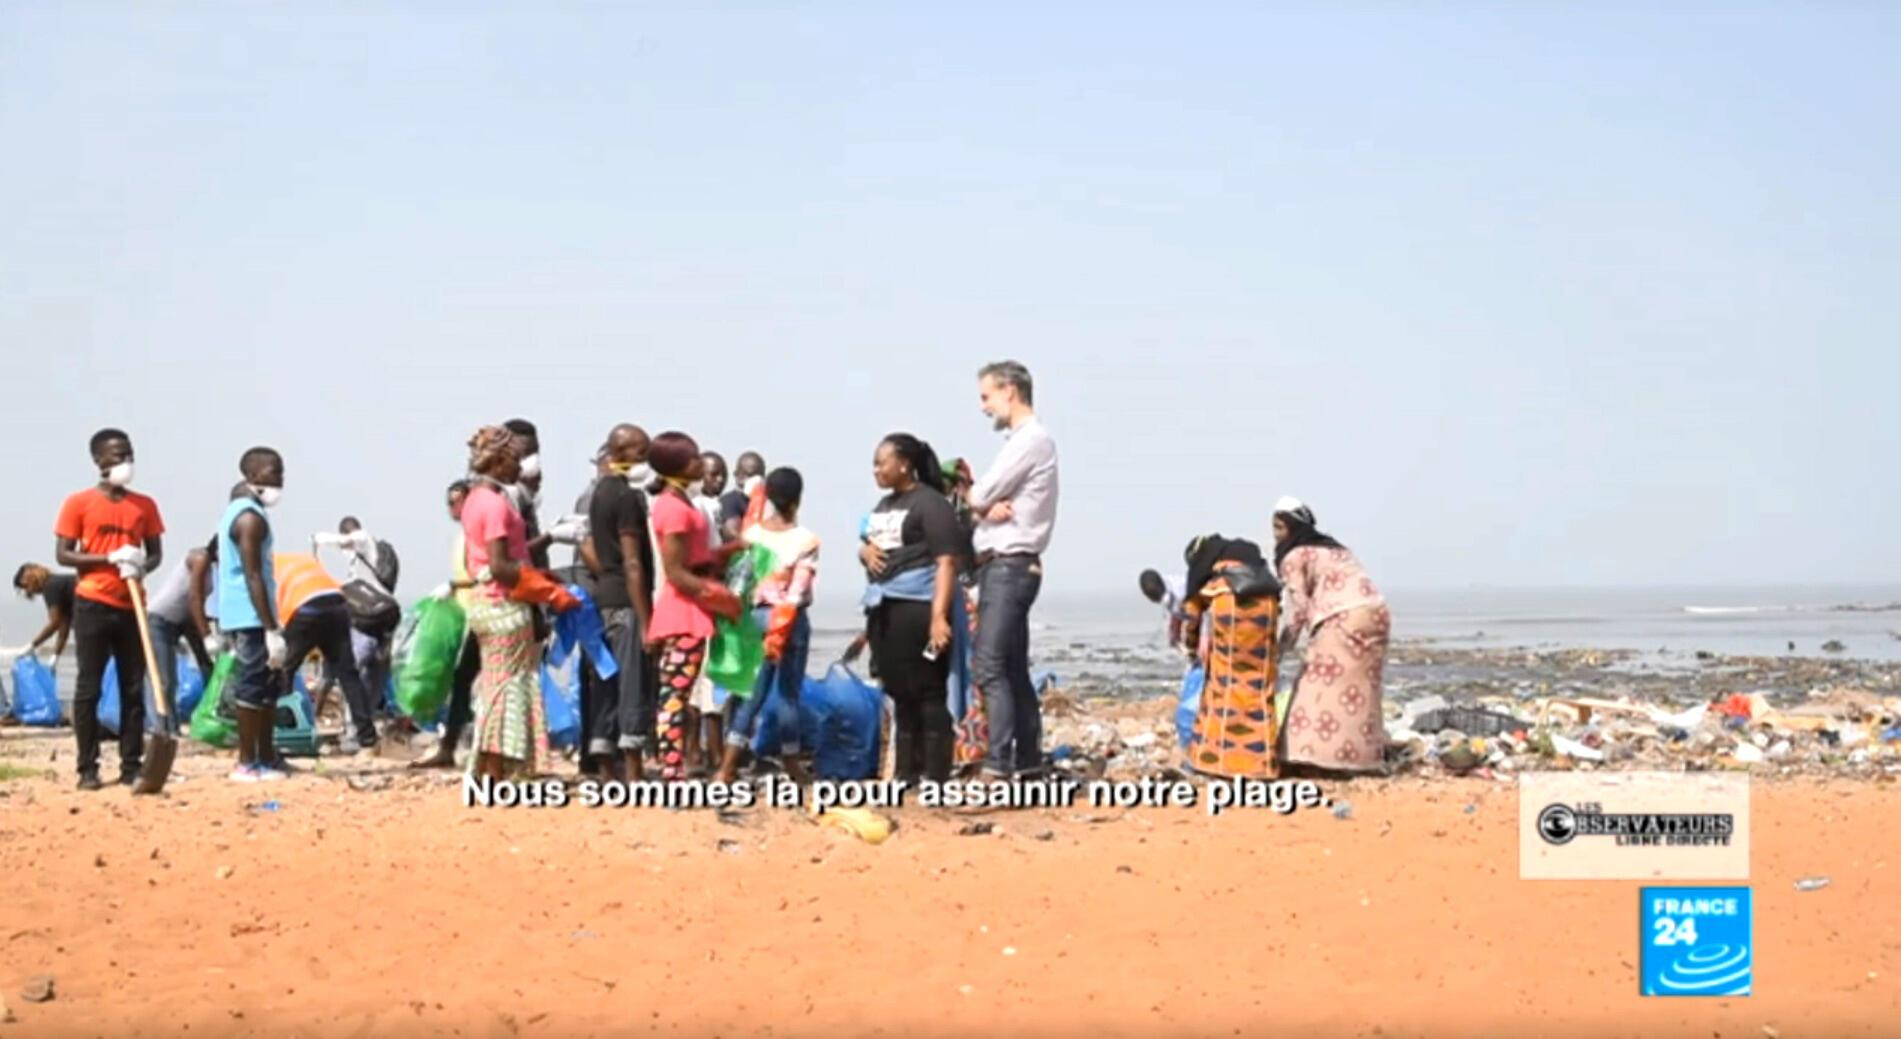 Notre journaliste Derek Thomson et notre Observatrice Fatoumata Chérif à la rencontre des Guinéens qui se mobilisent pour nettoyer une plage de Conakry.